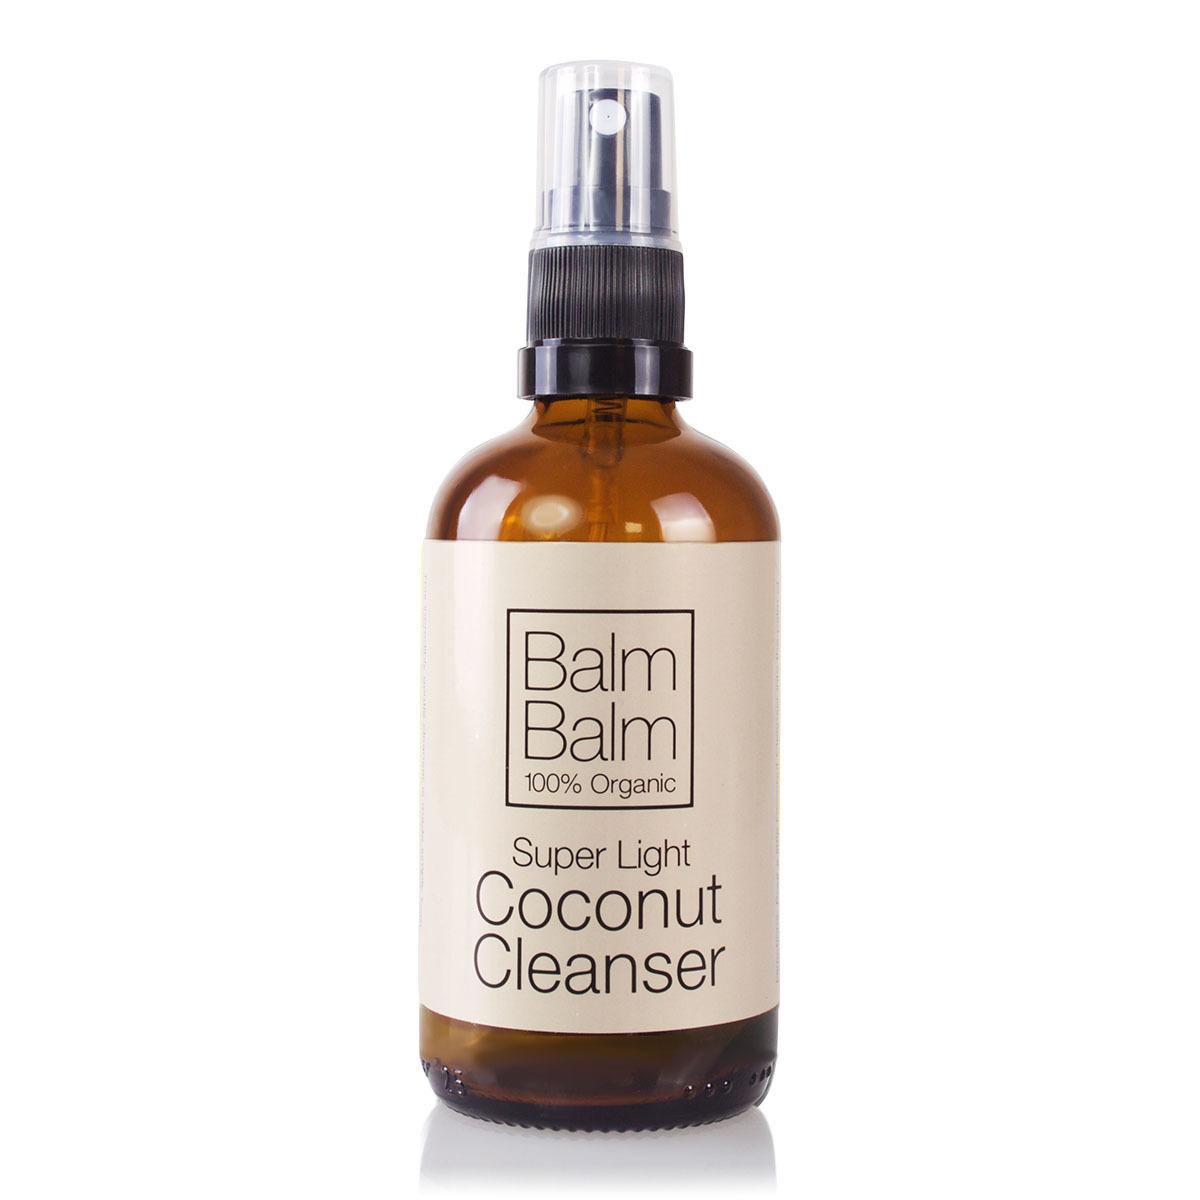 超清爽潔膚卸妝油(有機椰子油)